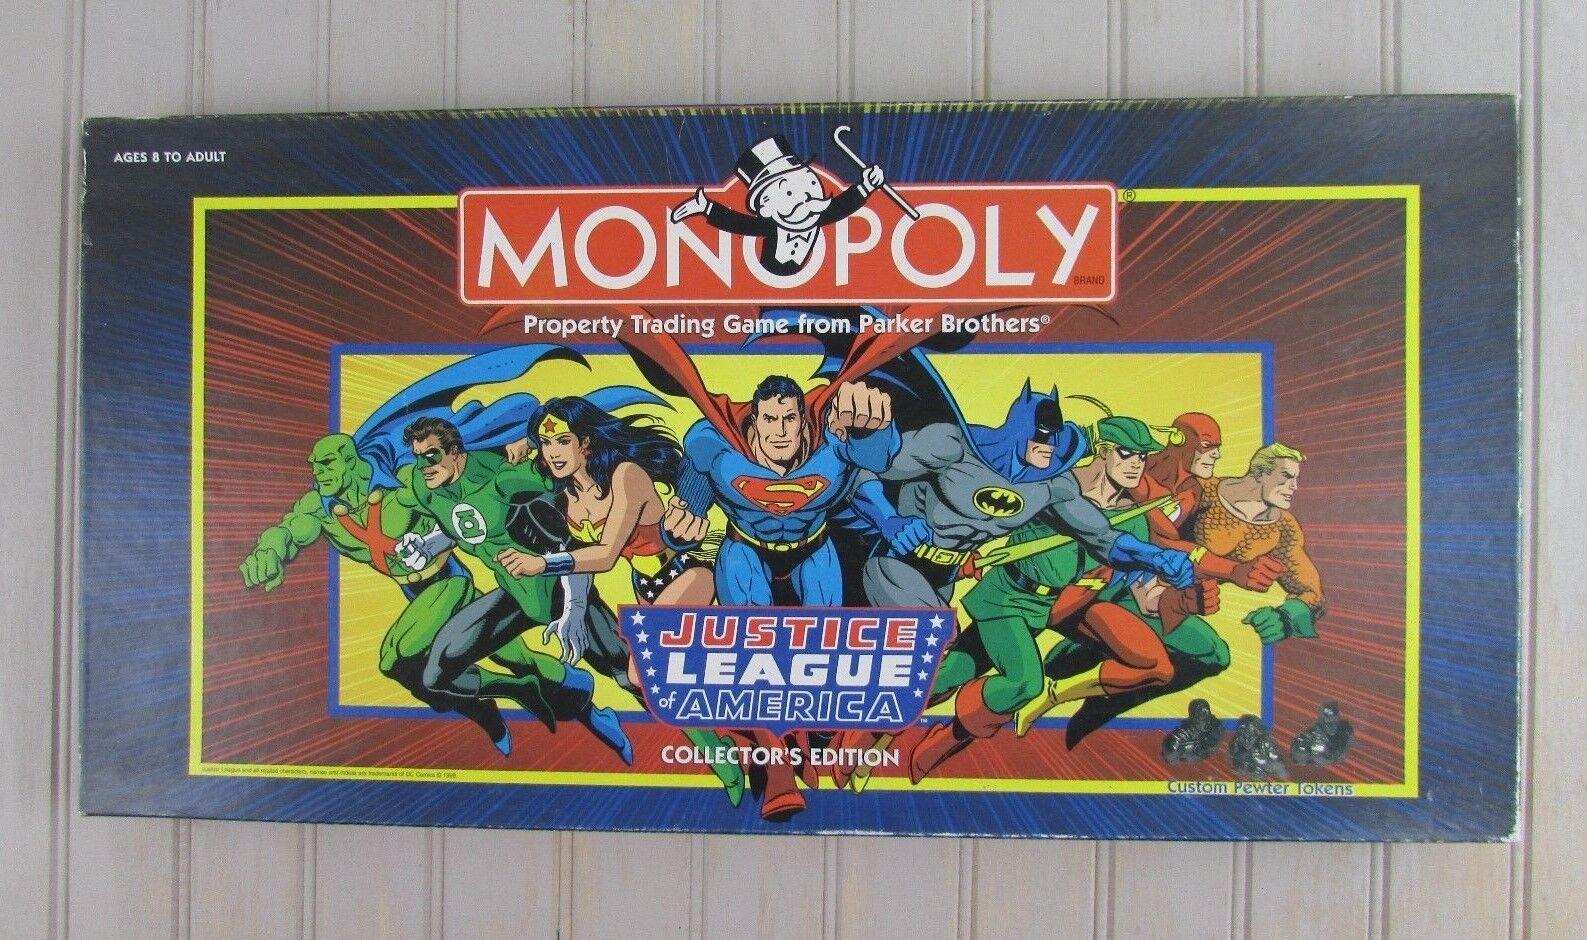 Die gerechtigkeitsliga monopol collectors edition 1999 abgeschlossen